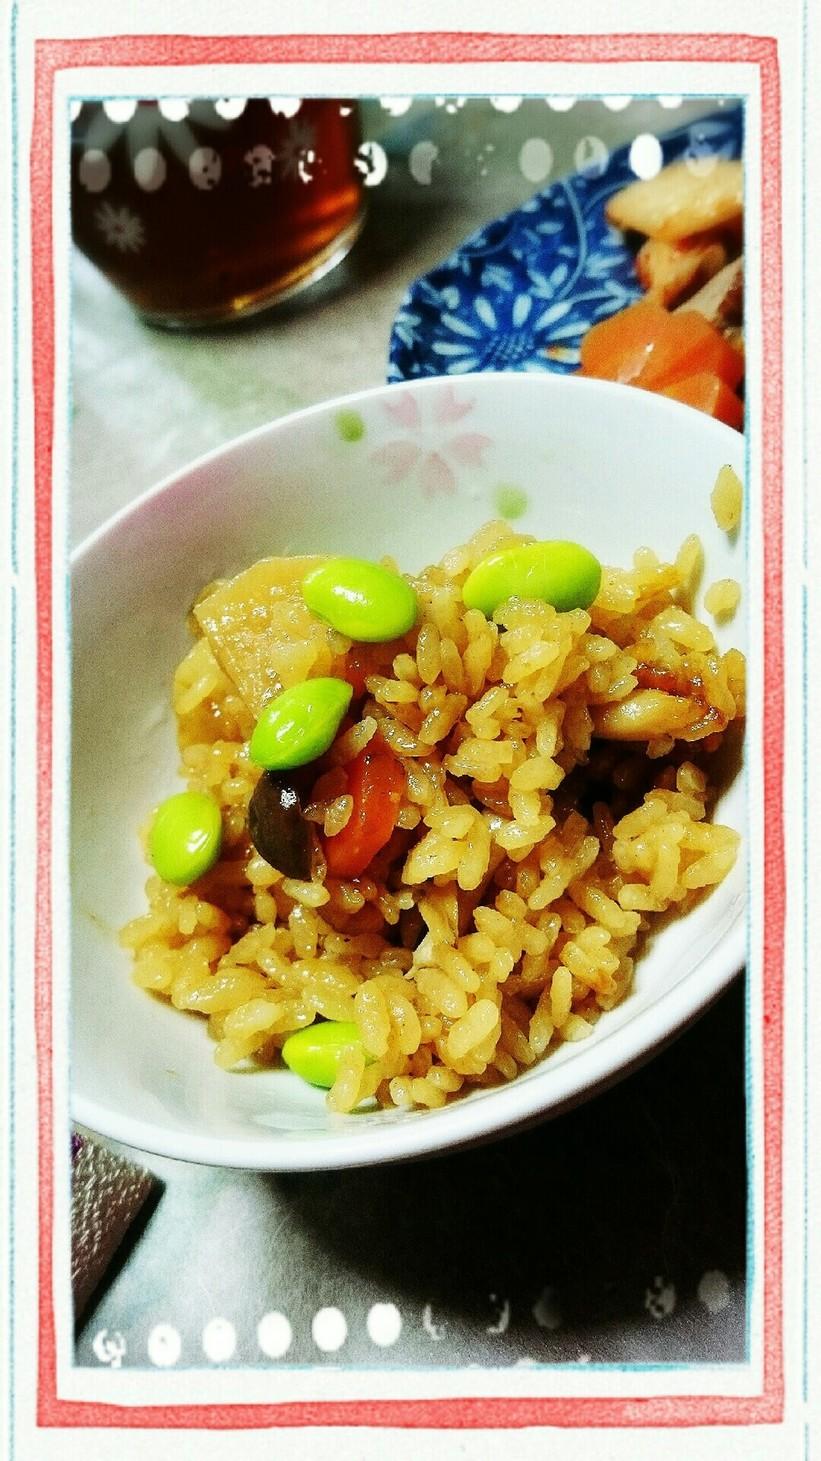 ブリ大根の煮汁で炊き込みご飯!